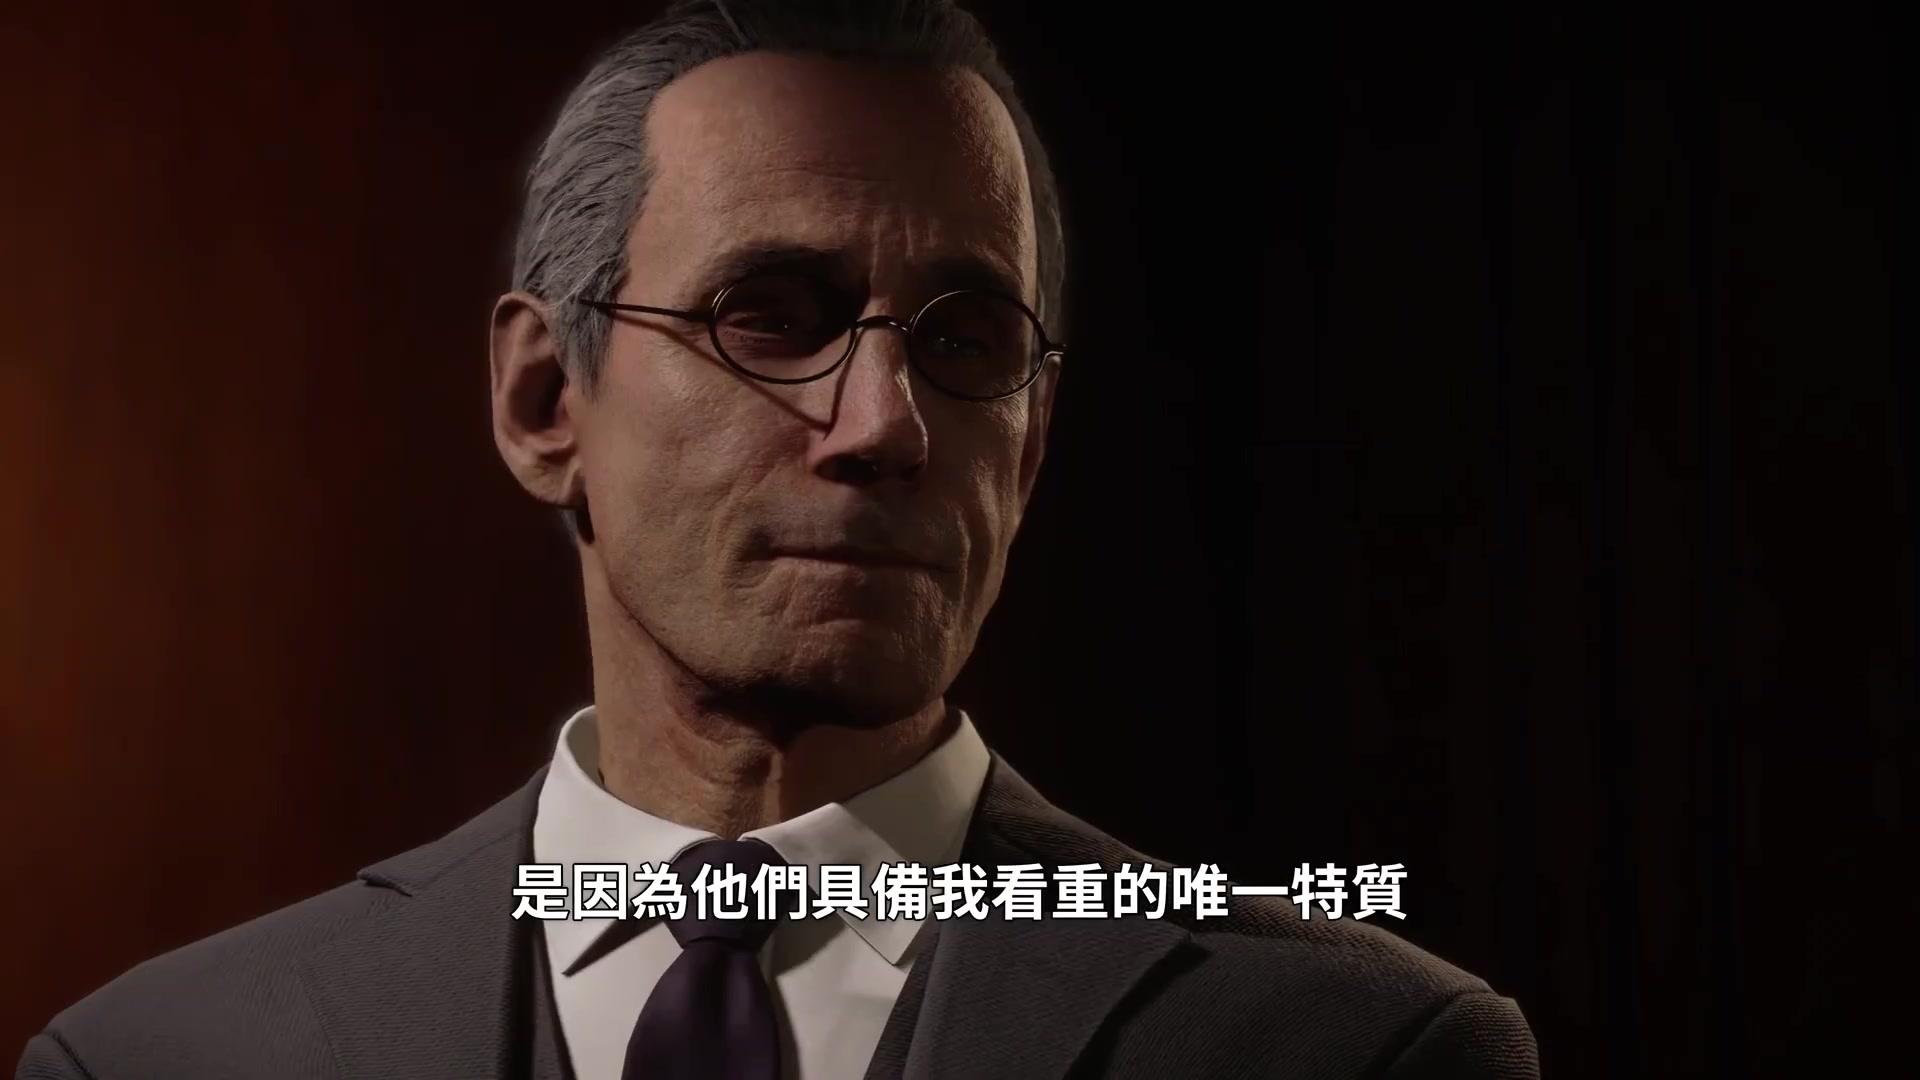 《四海兄弟:決定版》剧情预告片